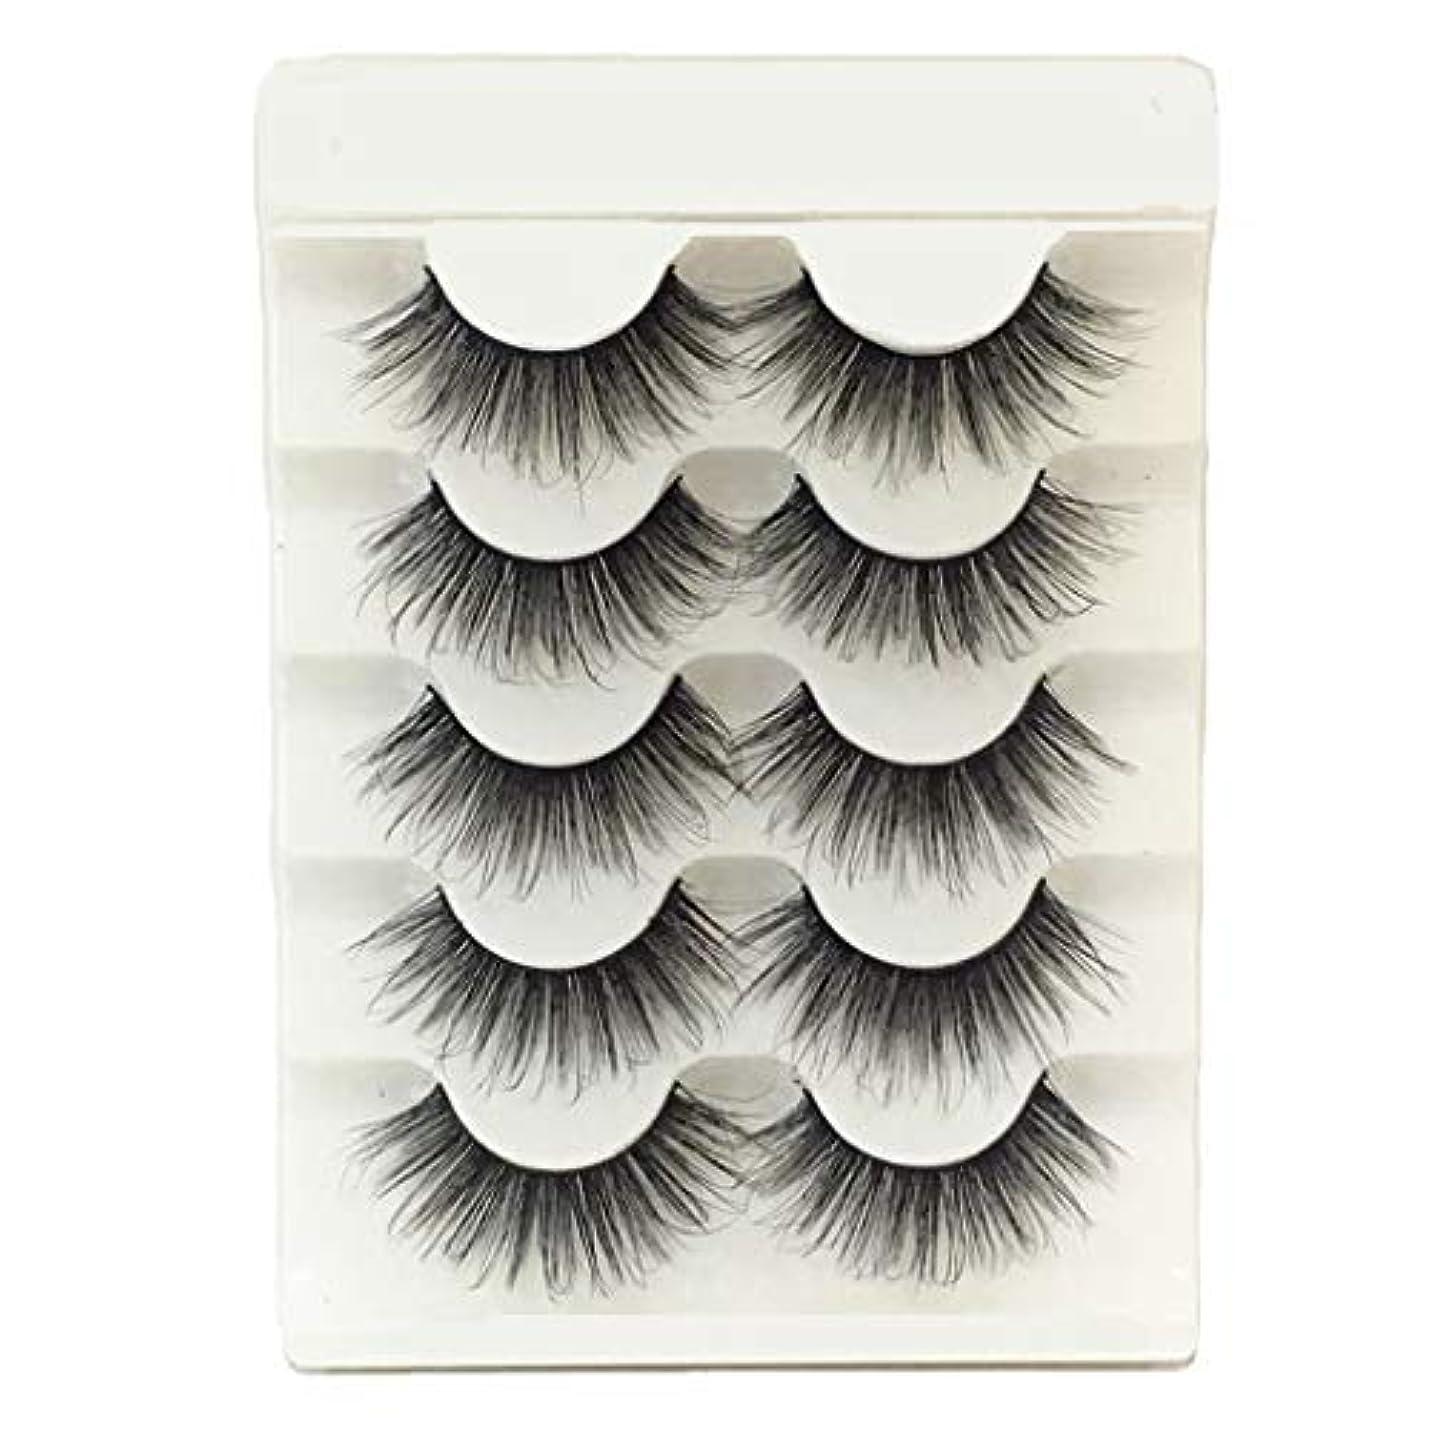 テスピアンミット数値Feteso 5ペア つけまつげ 上まつげ Eyelashes アイラッシュ ビューティー まつげエクステ レディース 化粧ツール アイメイクアップ 人気 ナチュラル 飾り 柔らかい 装着簡単 綺麗 濃密 再利用可能